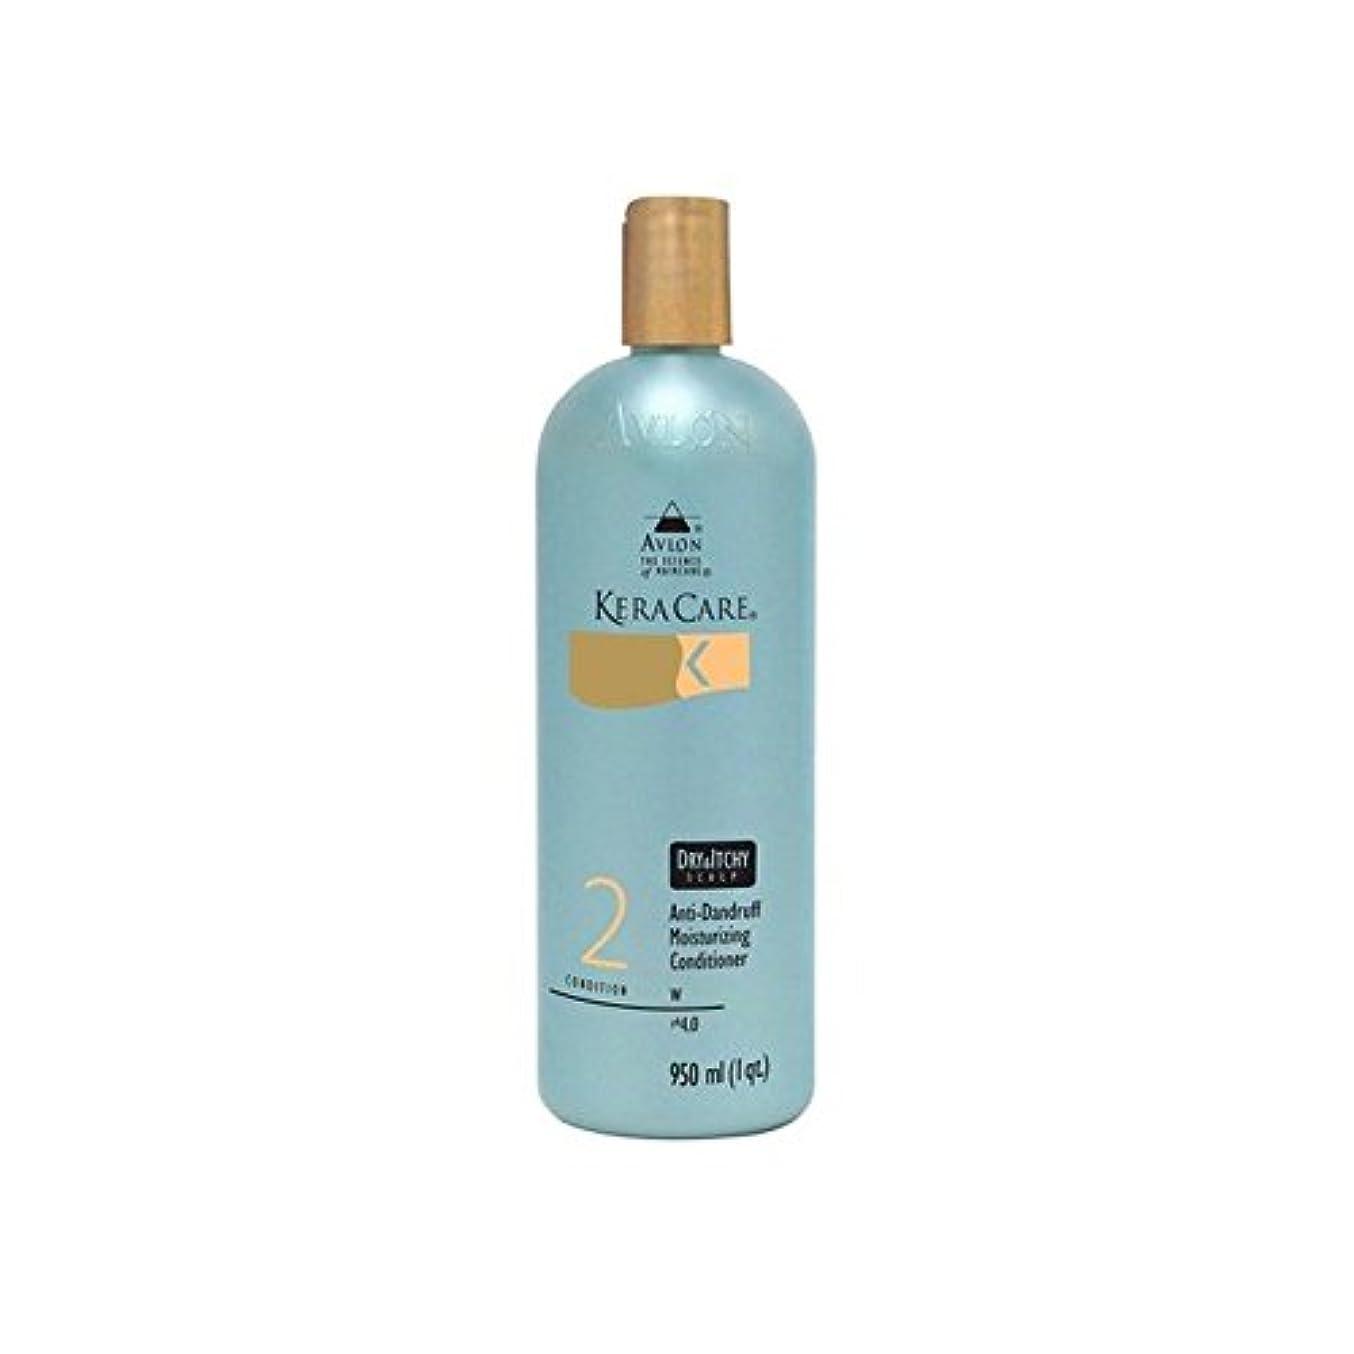 実行暴露するみKeracare Dry And Itchy Scalp Moisturizing Conditioner (950ml) (Pack of 6) - 乾燥やかゆみ頭皮の保湿コンディショナー(950ミリリットル) x6...